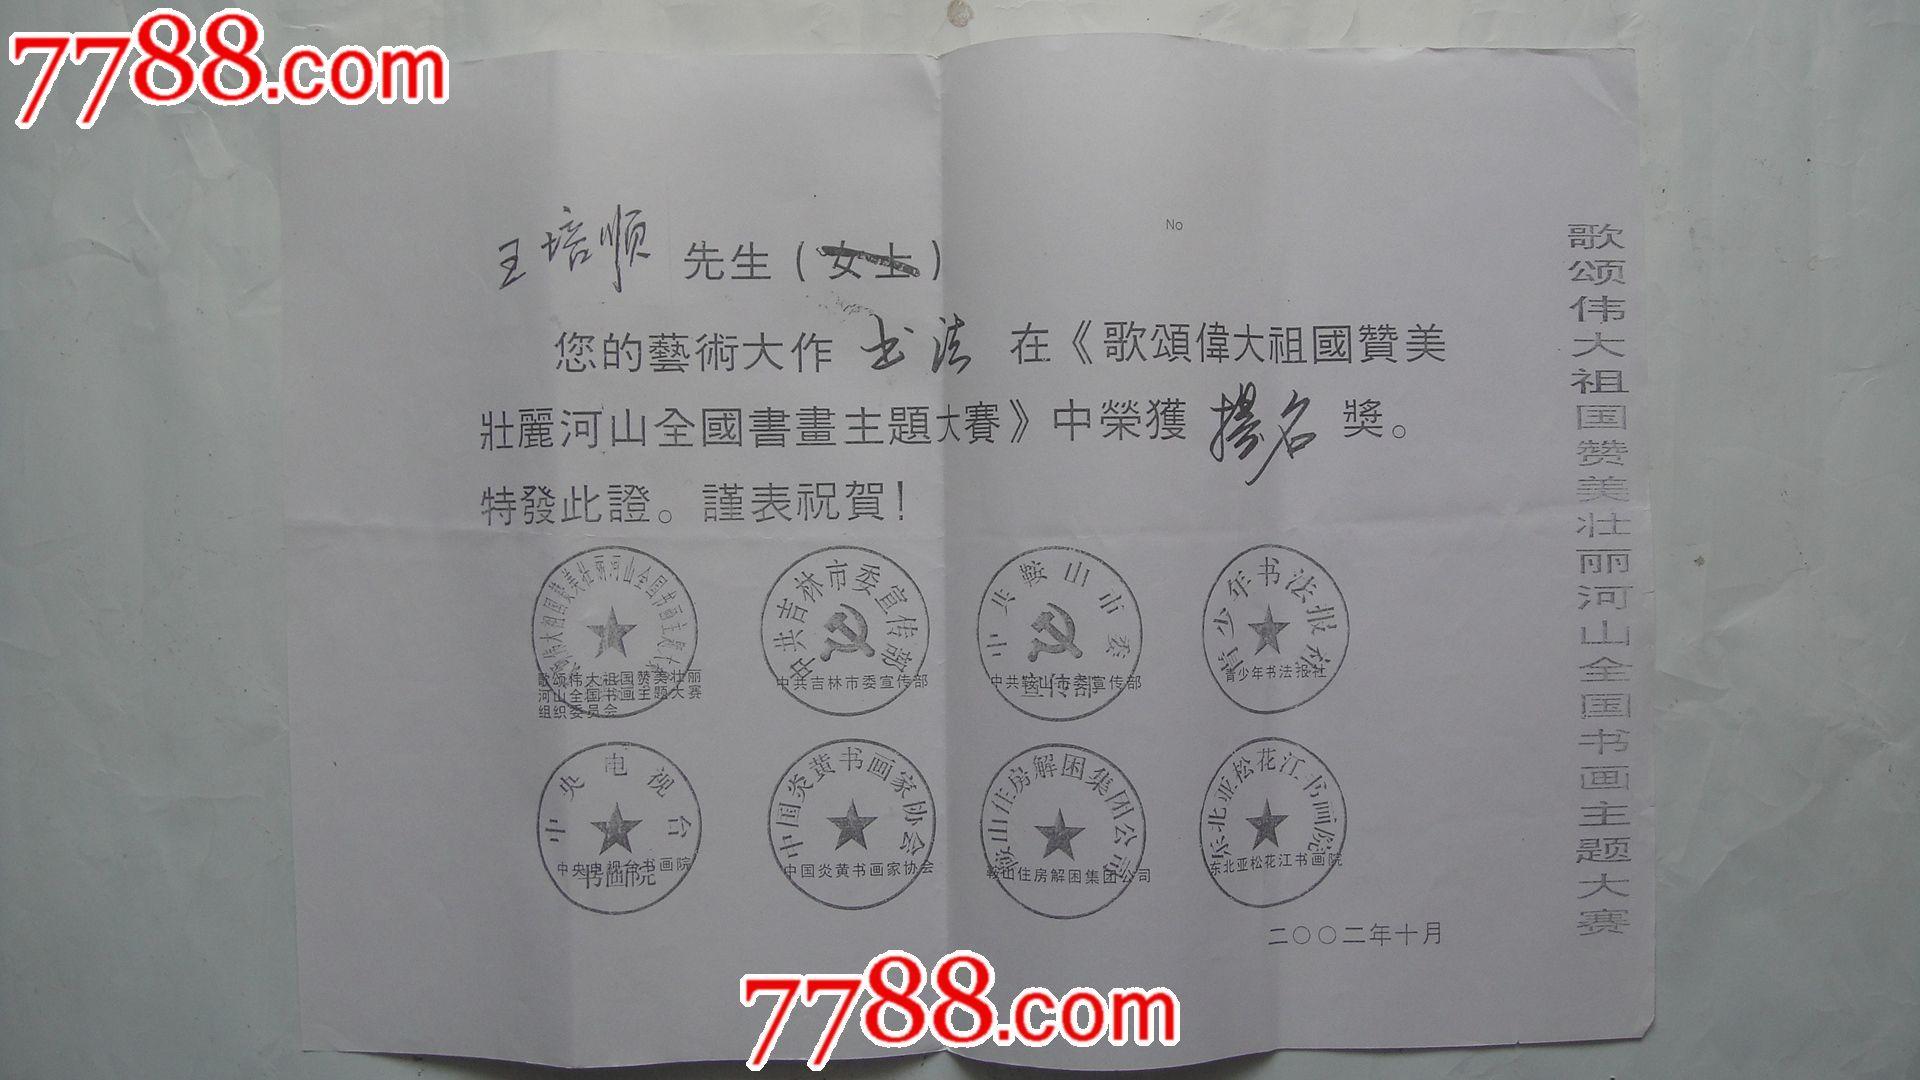 安徽省书法家协会入会申请表(王培顺)带有各类获奖证书复印件图片